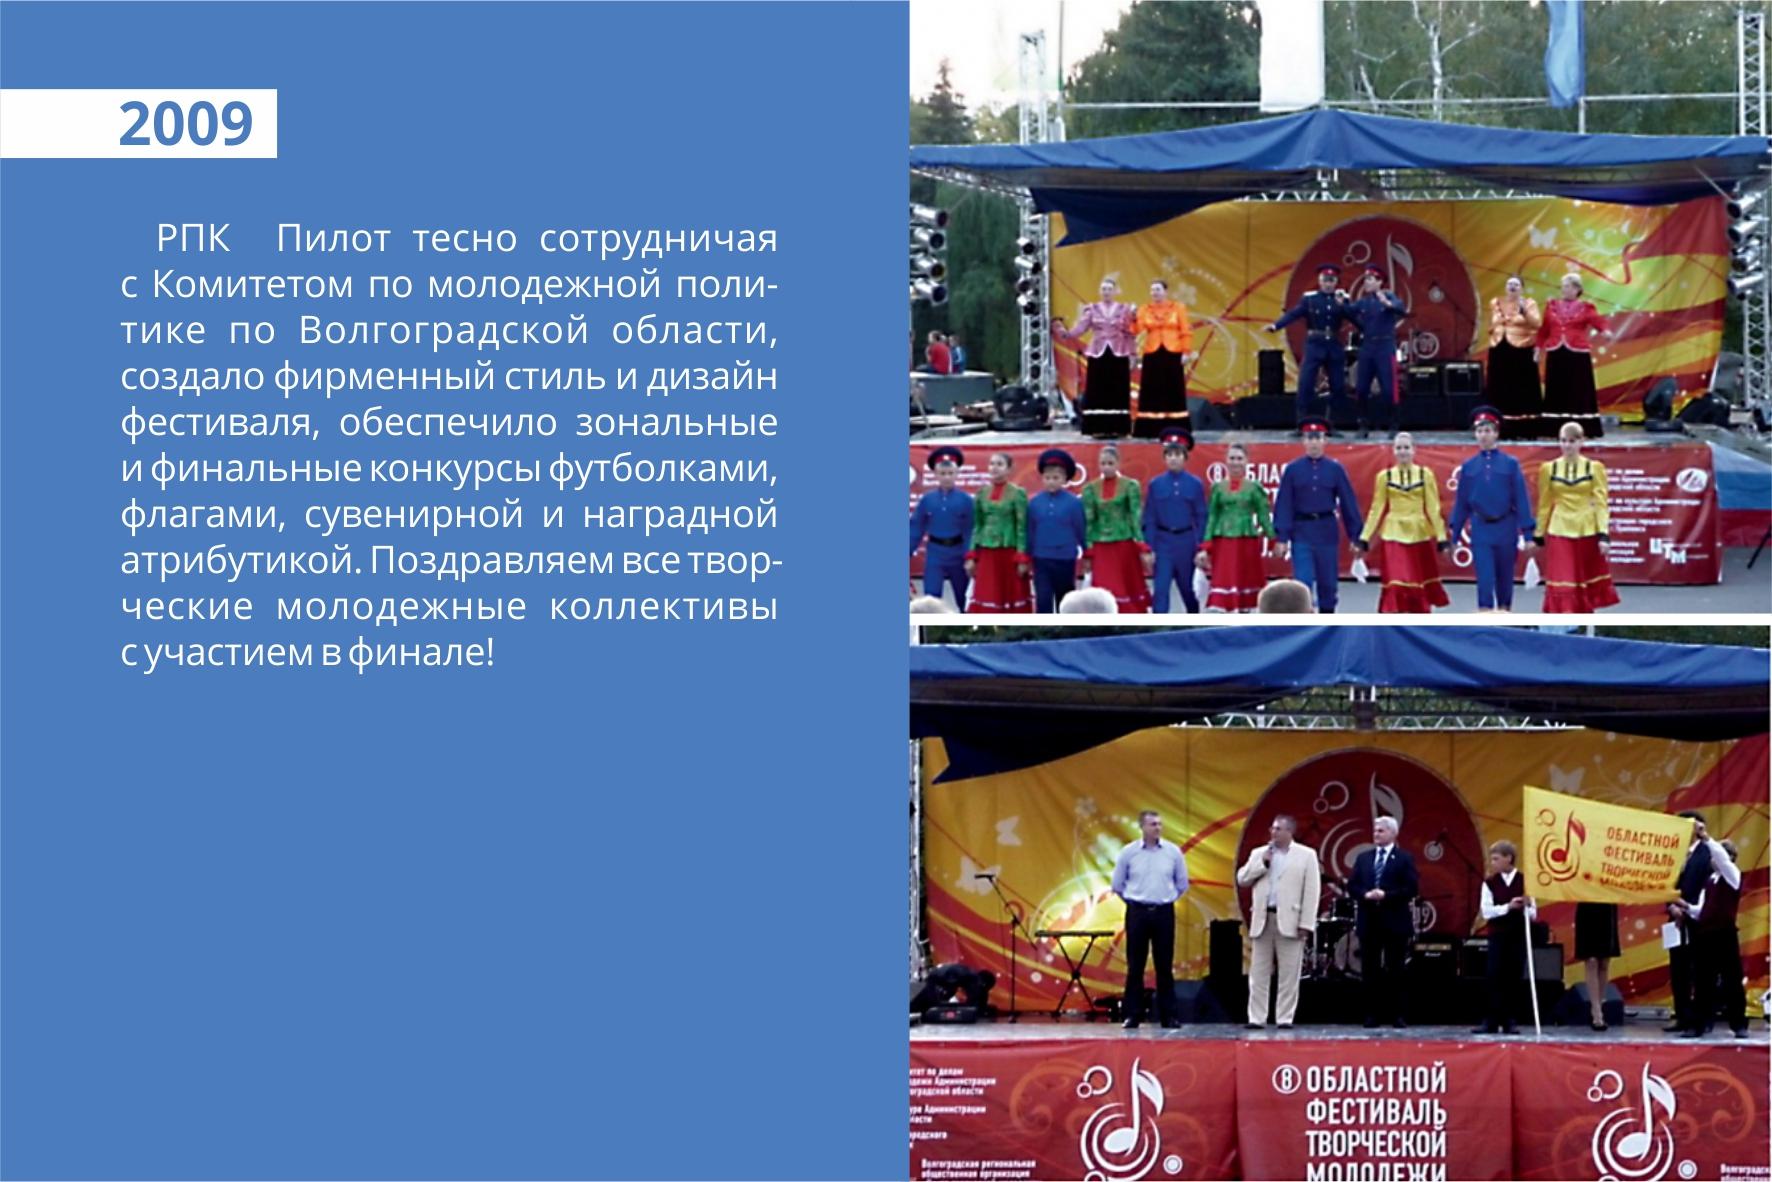 2009_ фестиваль по молодежной политике